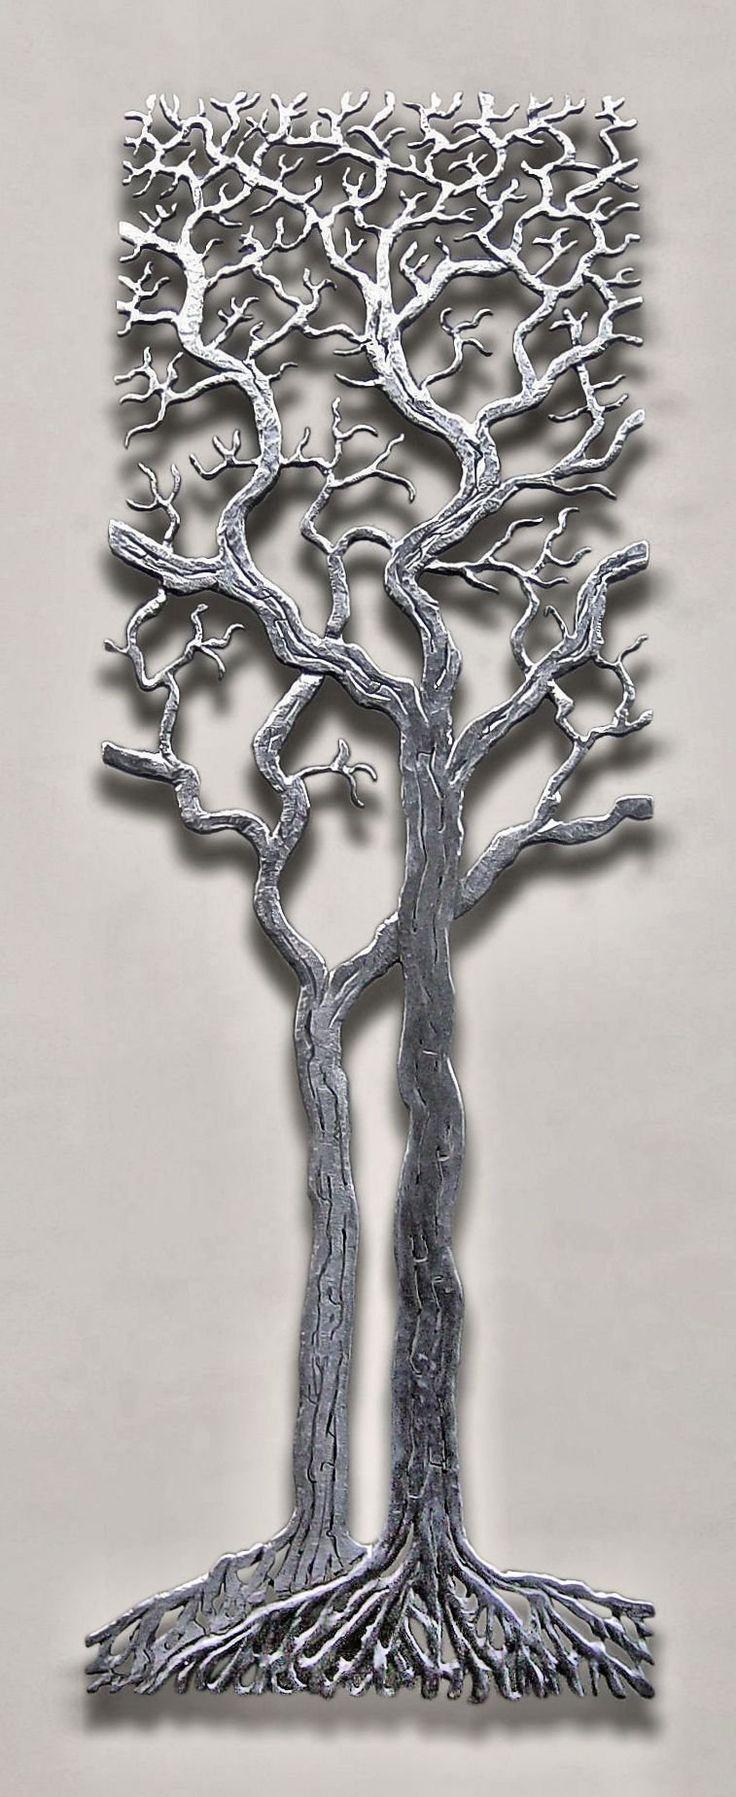 Best 25+ Metal Wall Art Ideas On Pinterest | Metal Art, Metal Wall For Oak Tree Metal Wall Art (Image 3 of 20)